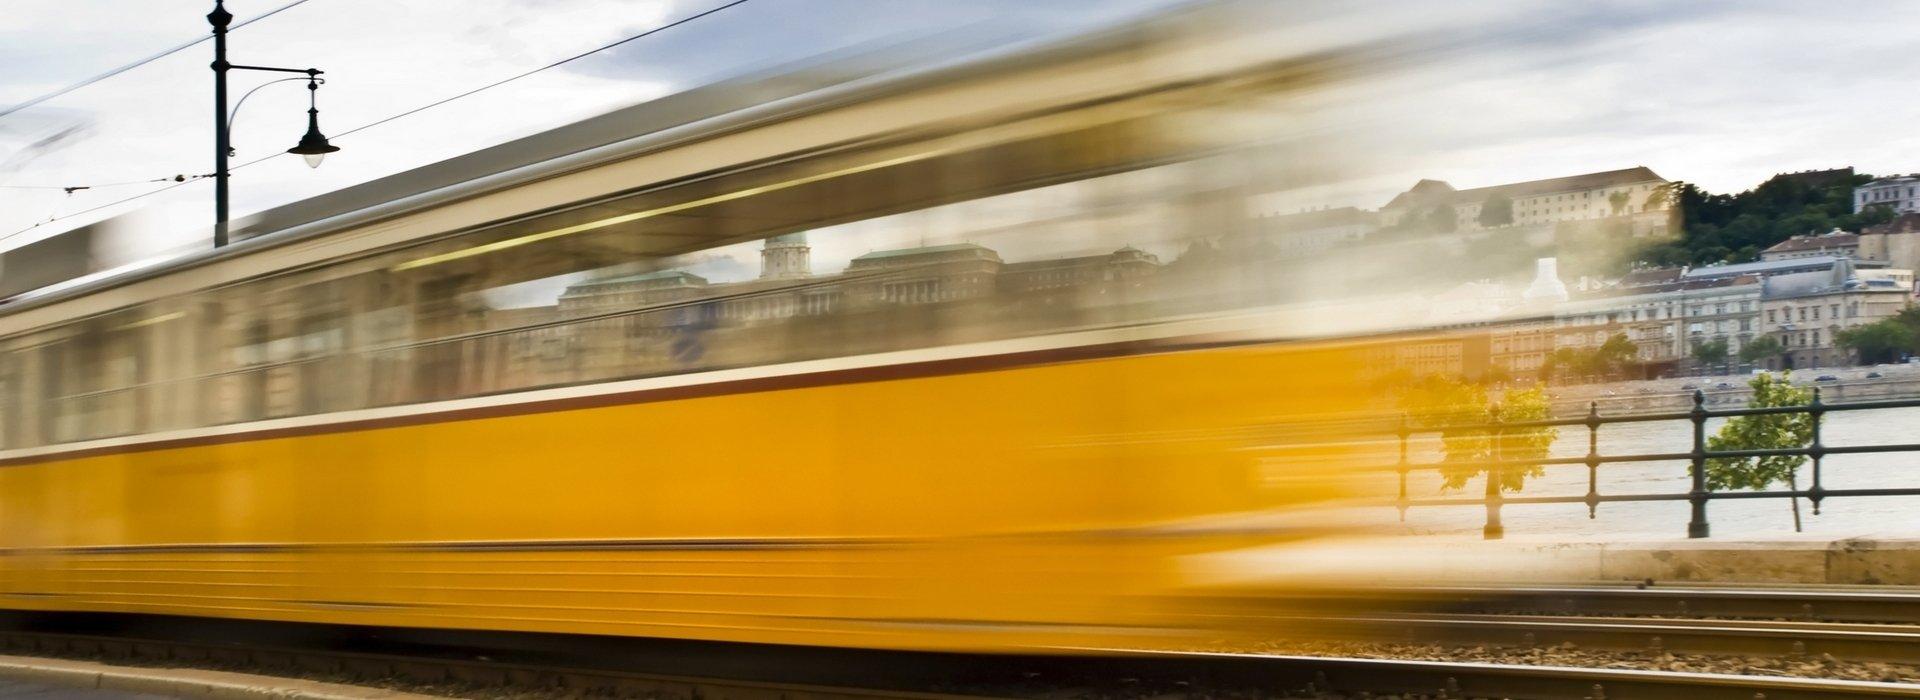 Utazás Budapesten